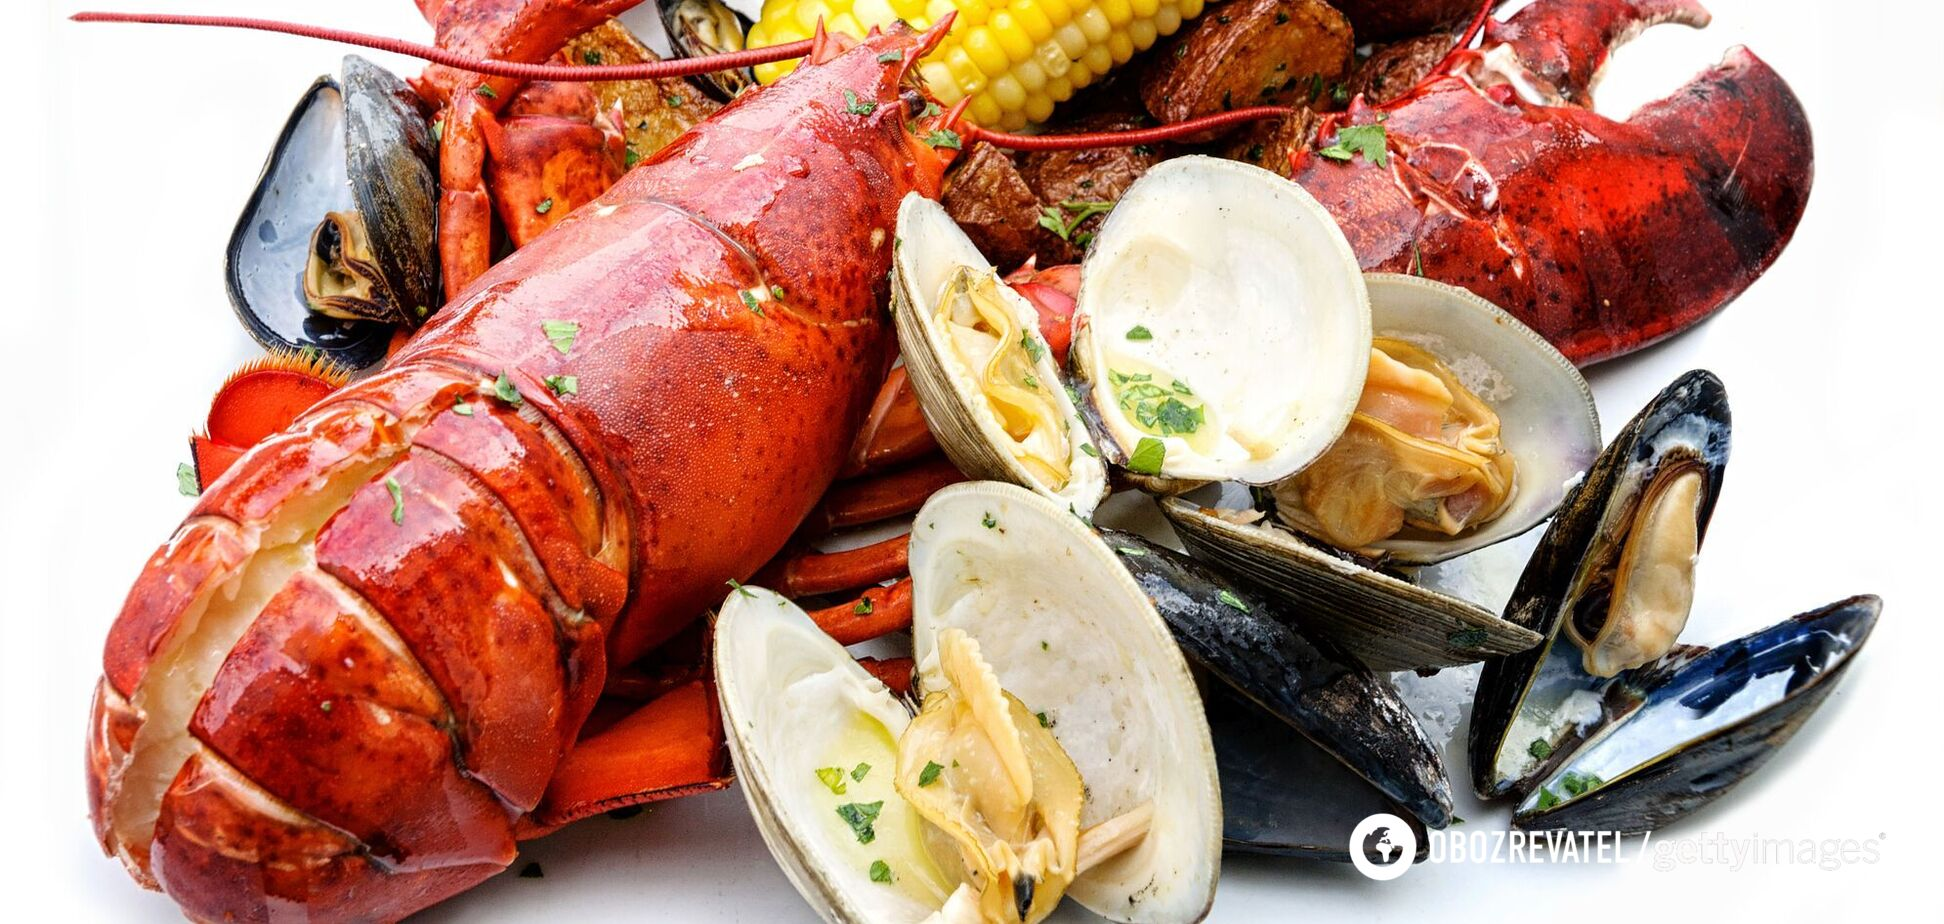 Коронавирус на упаковке с морепродуктами из России